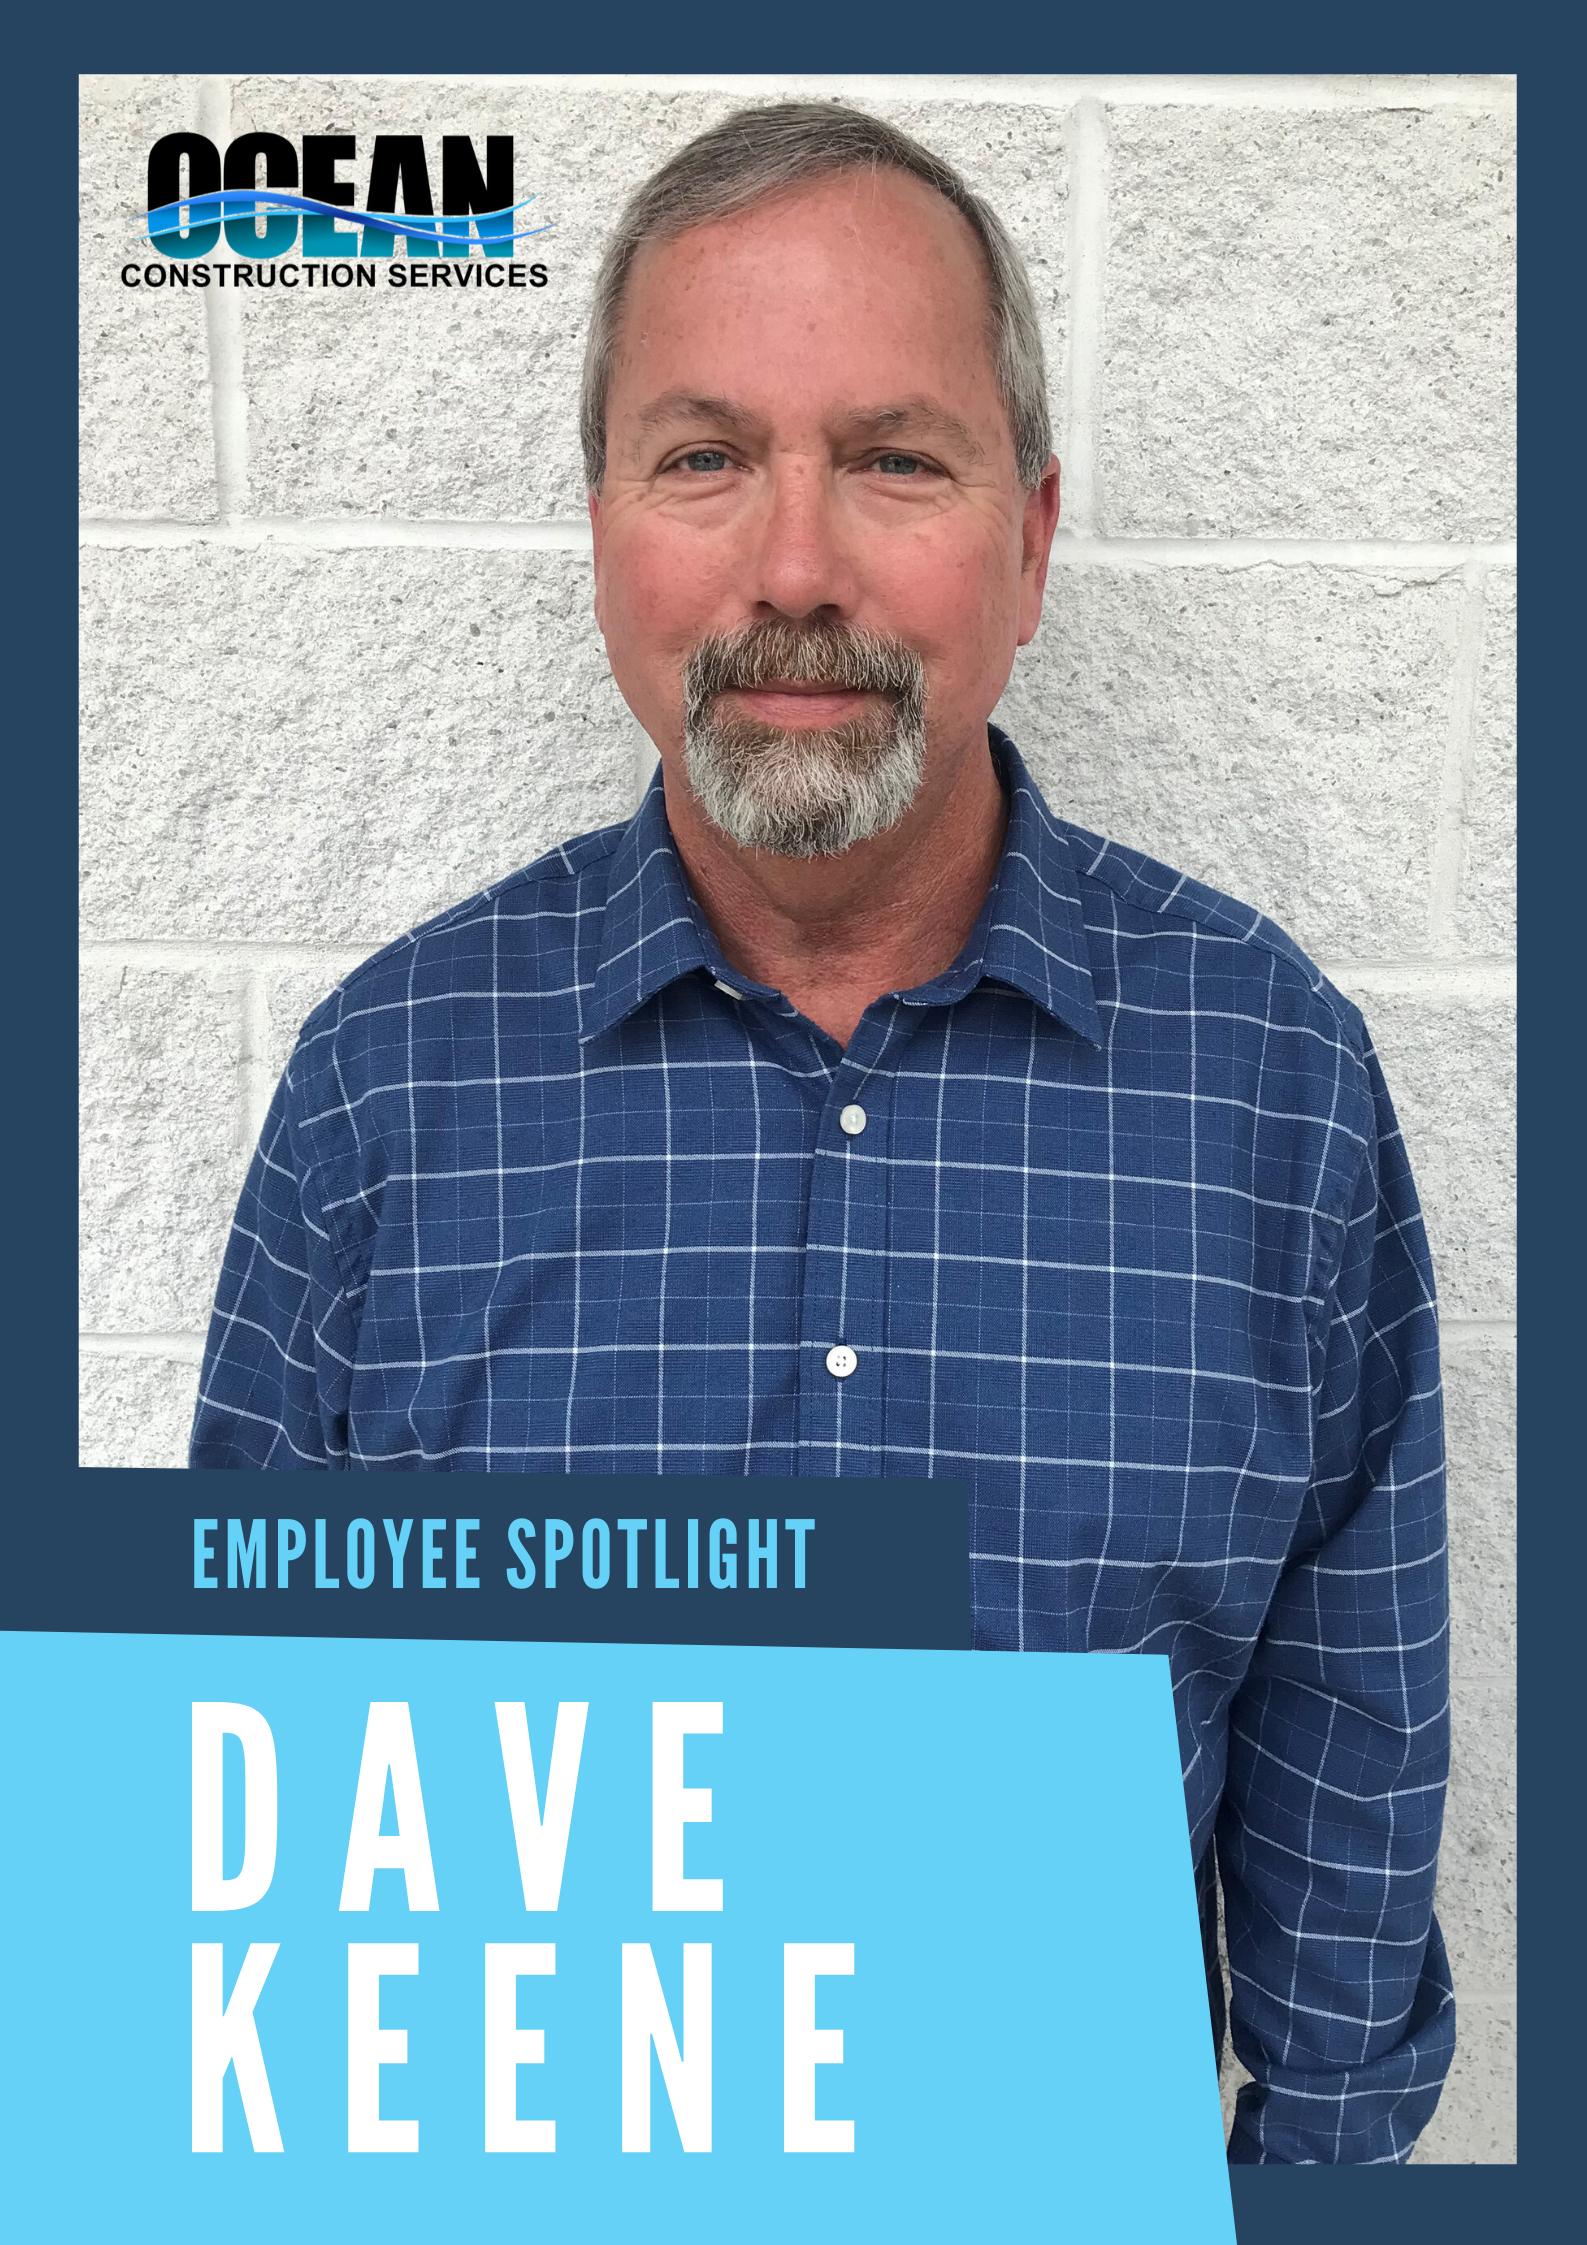 DK employee spotlight